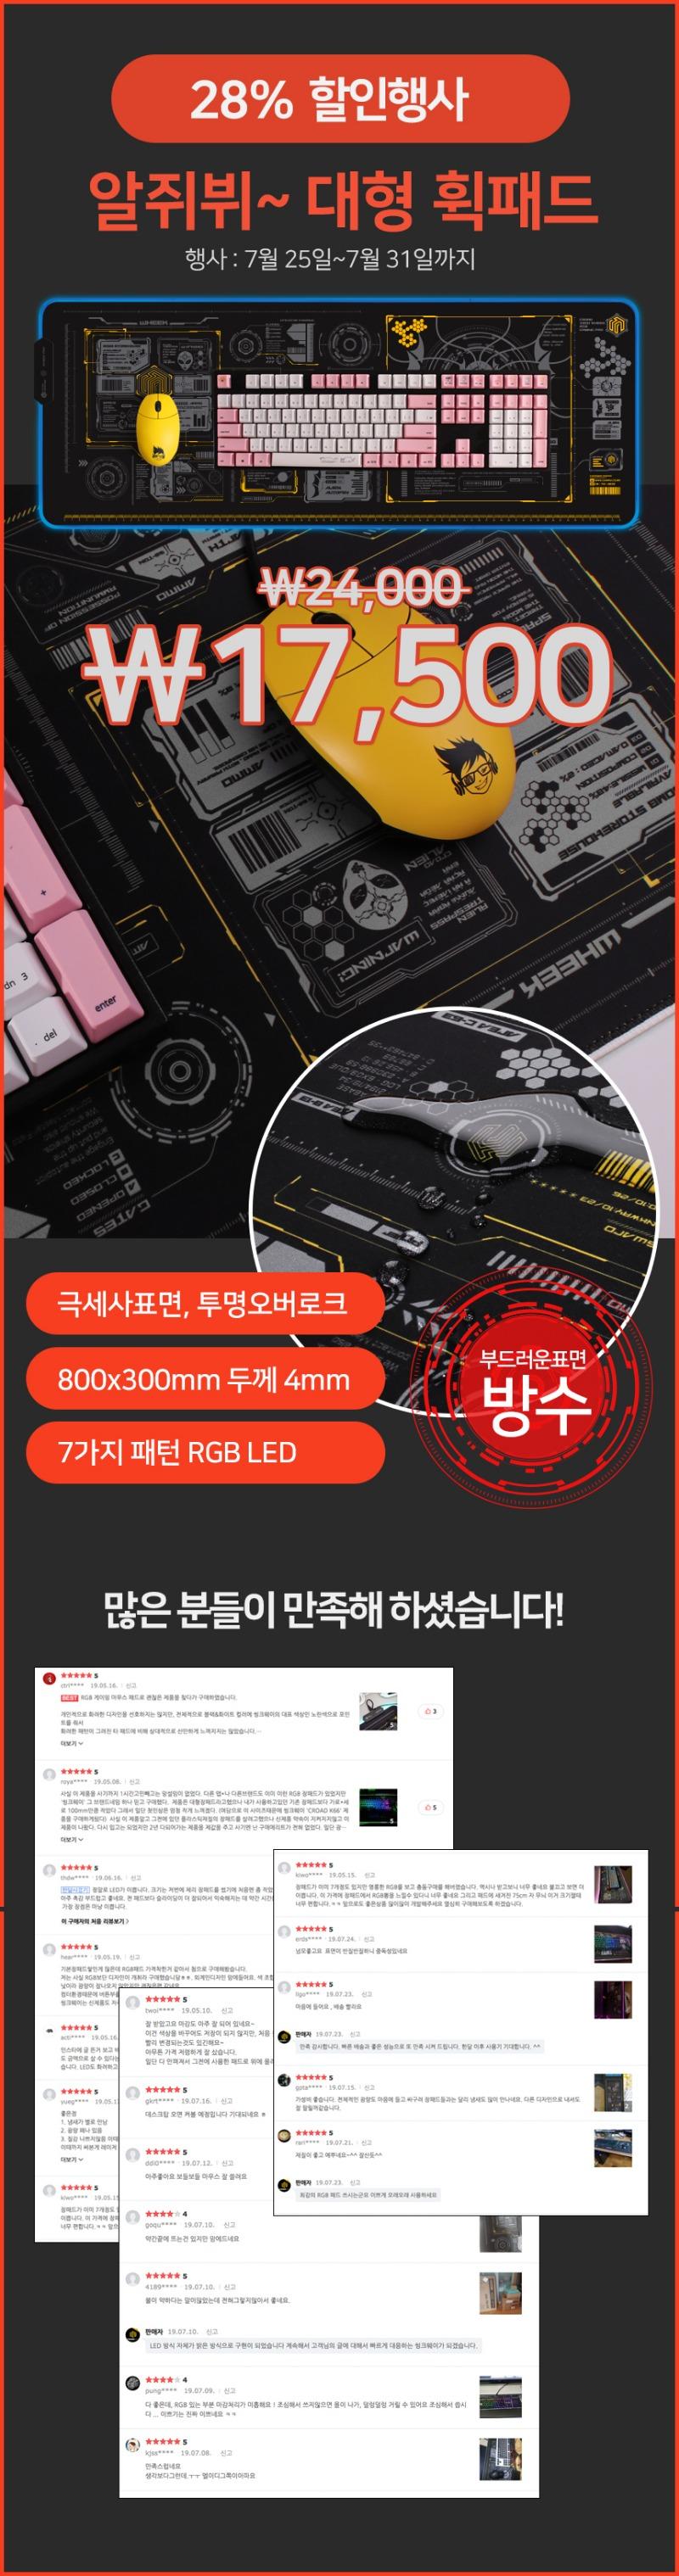 x802-sale-190725.jpg